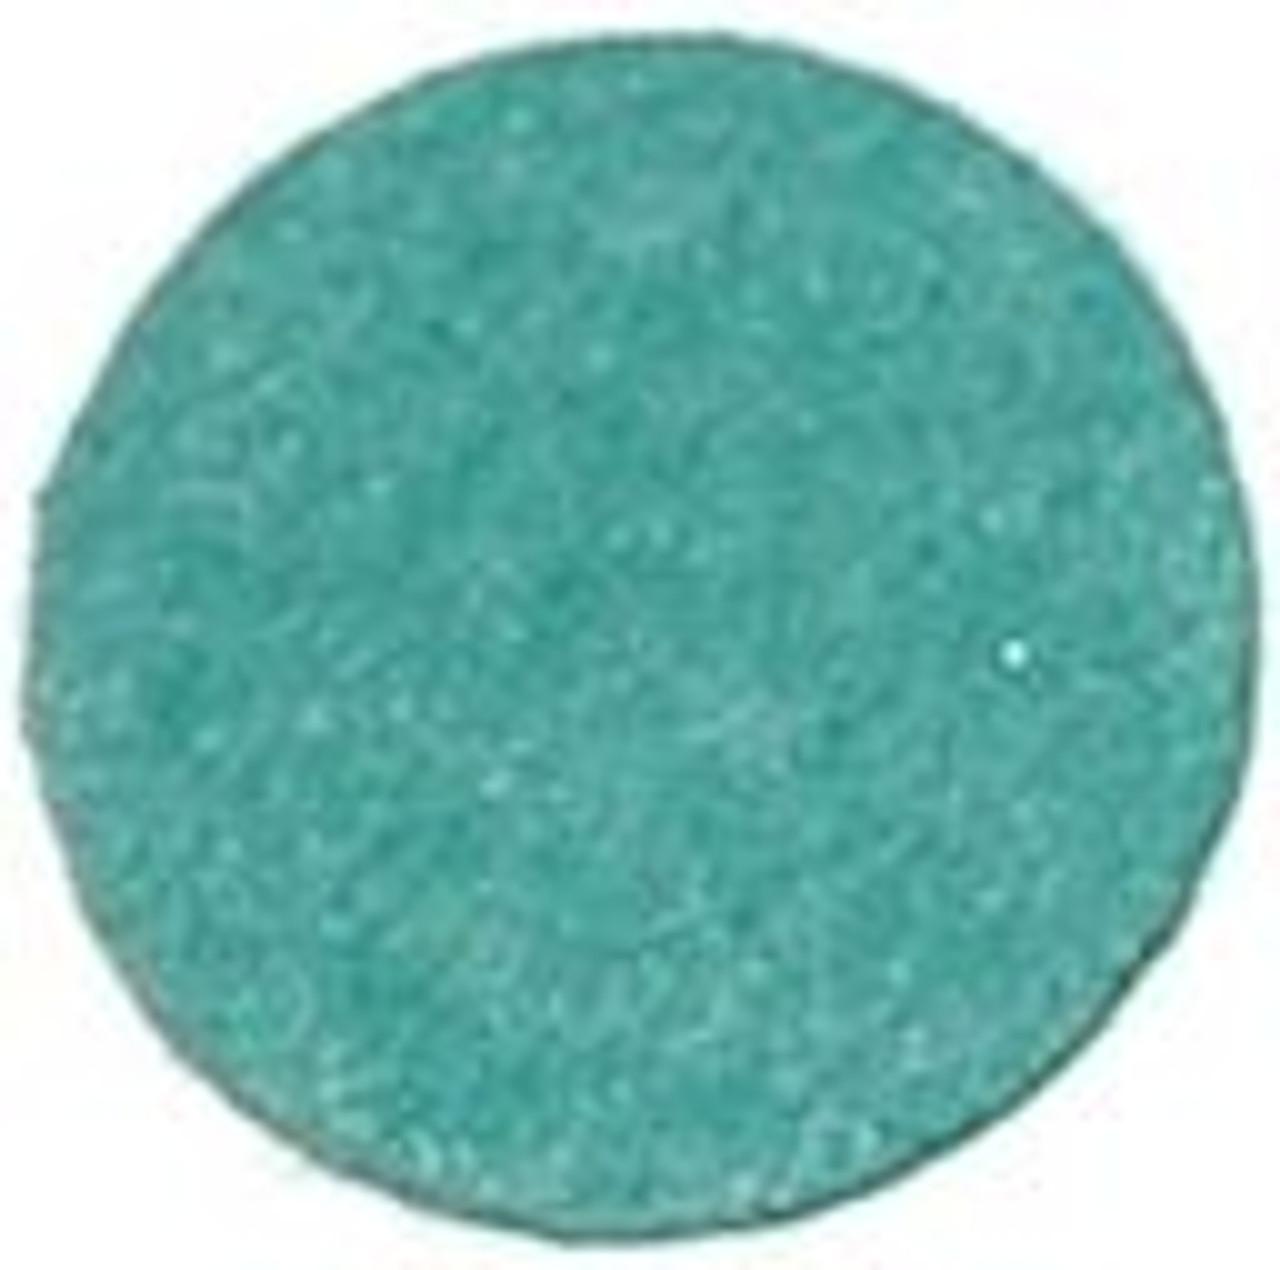 Aqua Felt Circles for Crafts and Craft supplies